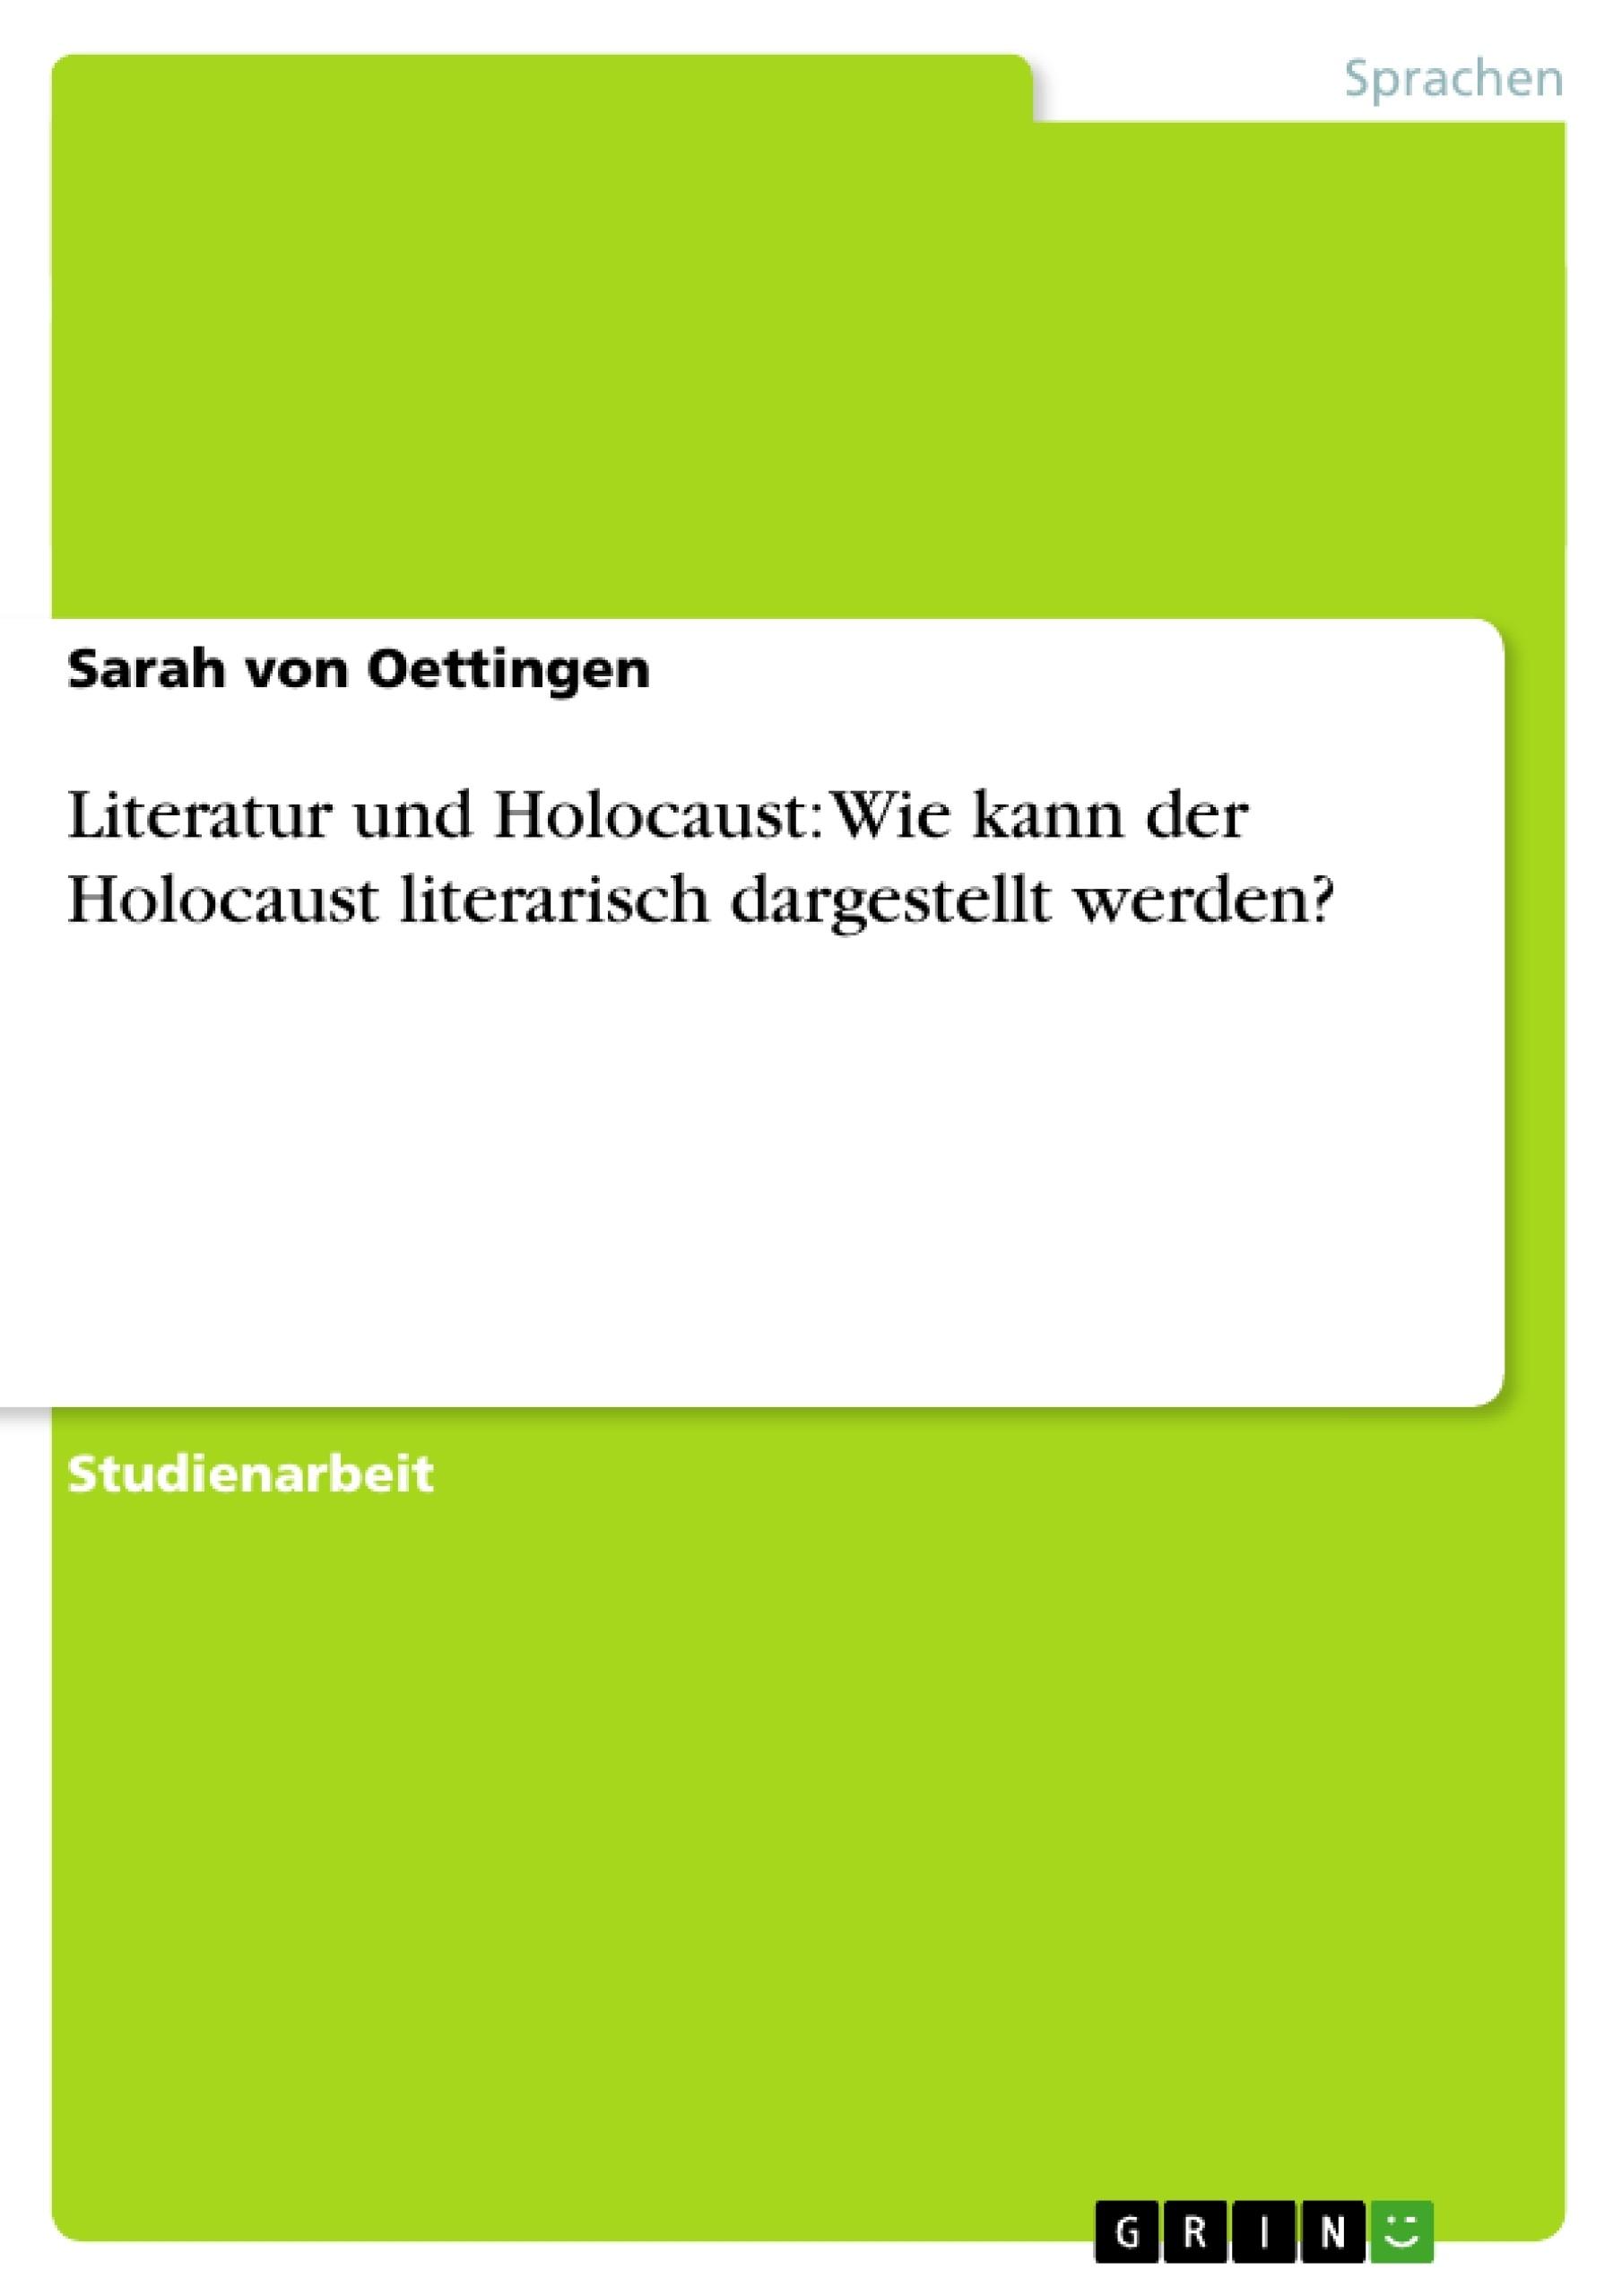 Titel: Literatur und Holocaust: Wie kann der Holocaust literarisch dargestellt werden?